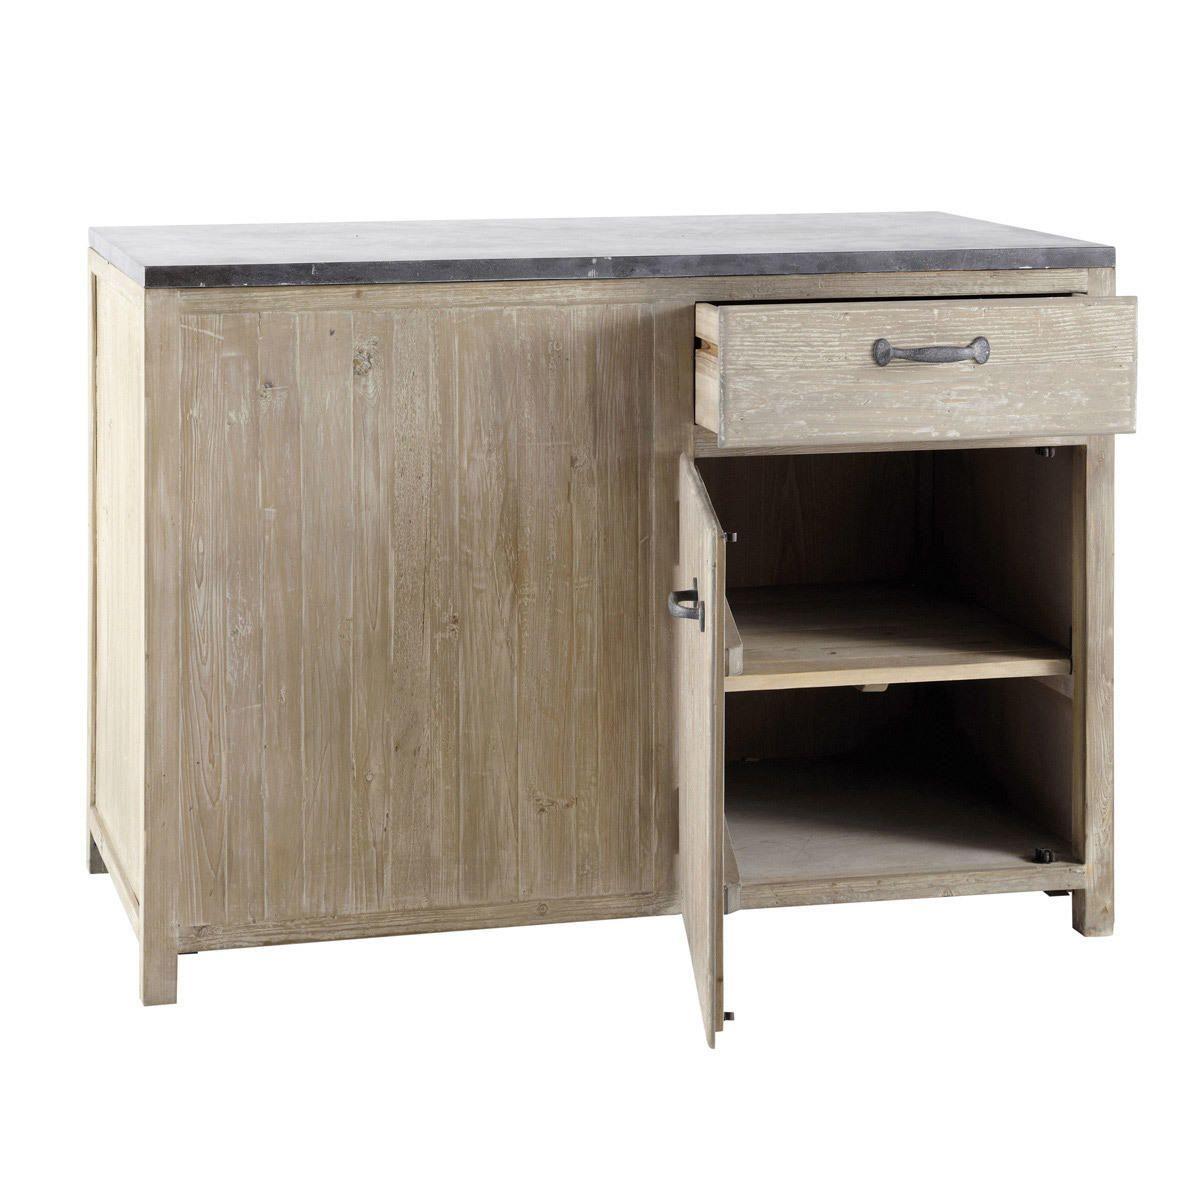 meuble bas de cuisine en bois recycl l 120 cm copenhague